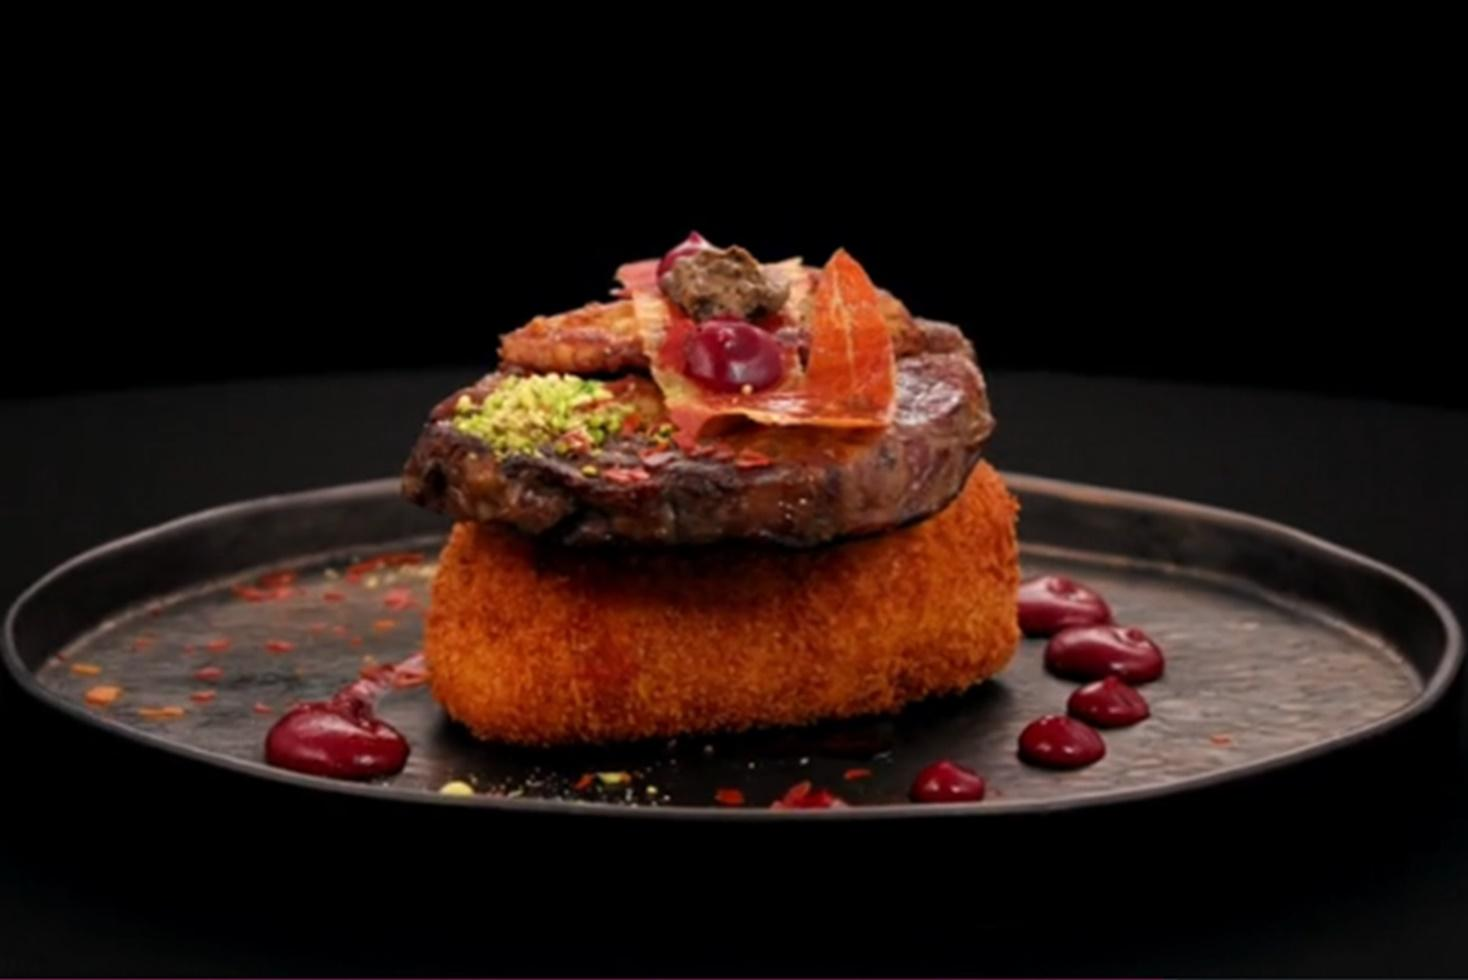 Chefi la cuțite, 15 martie 2021. Antricot de vită cu foie gras, dulceață de ceapă și brânză pane, rețetă gătită de Dorin Voiasciuc